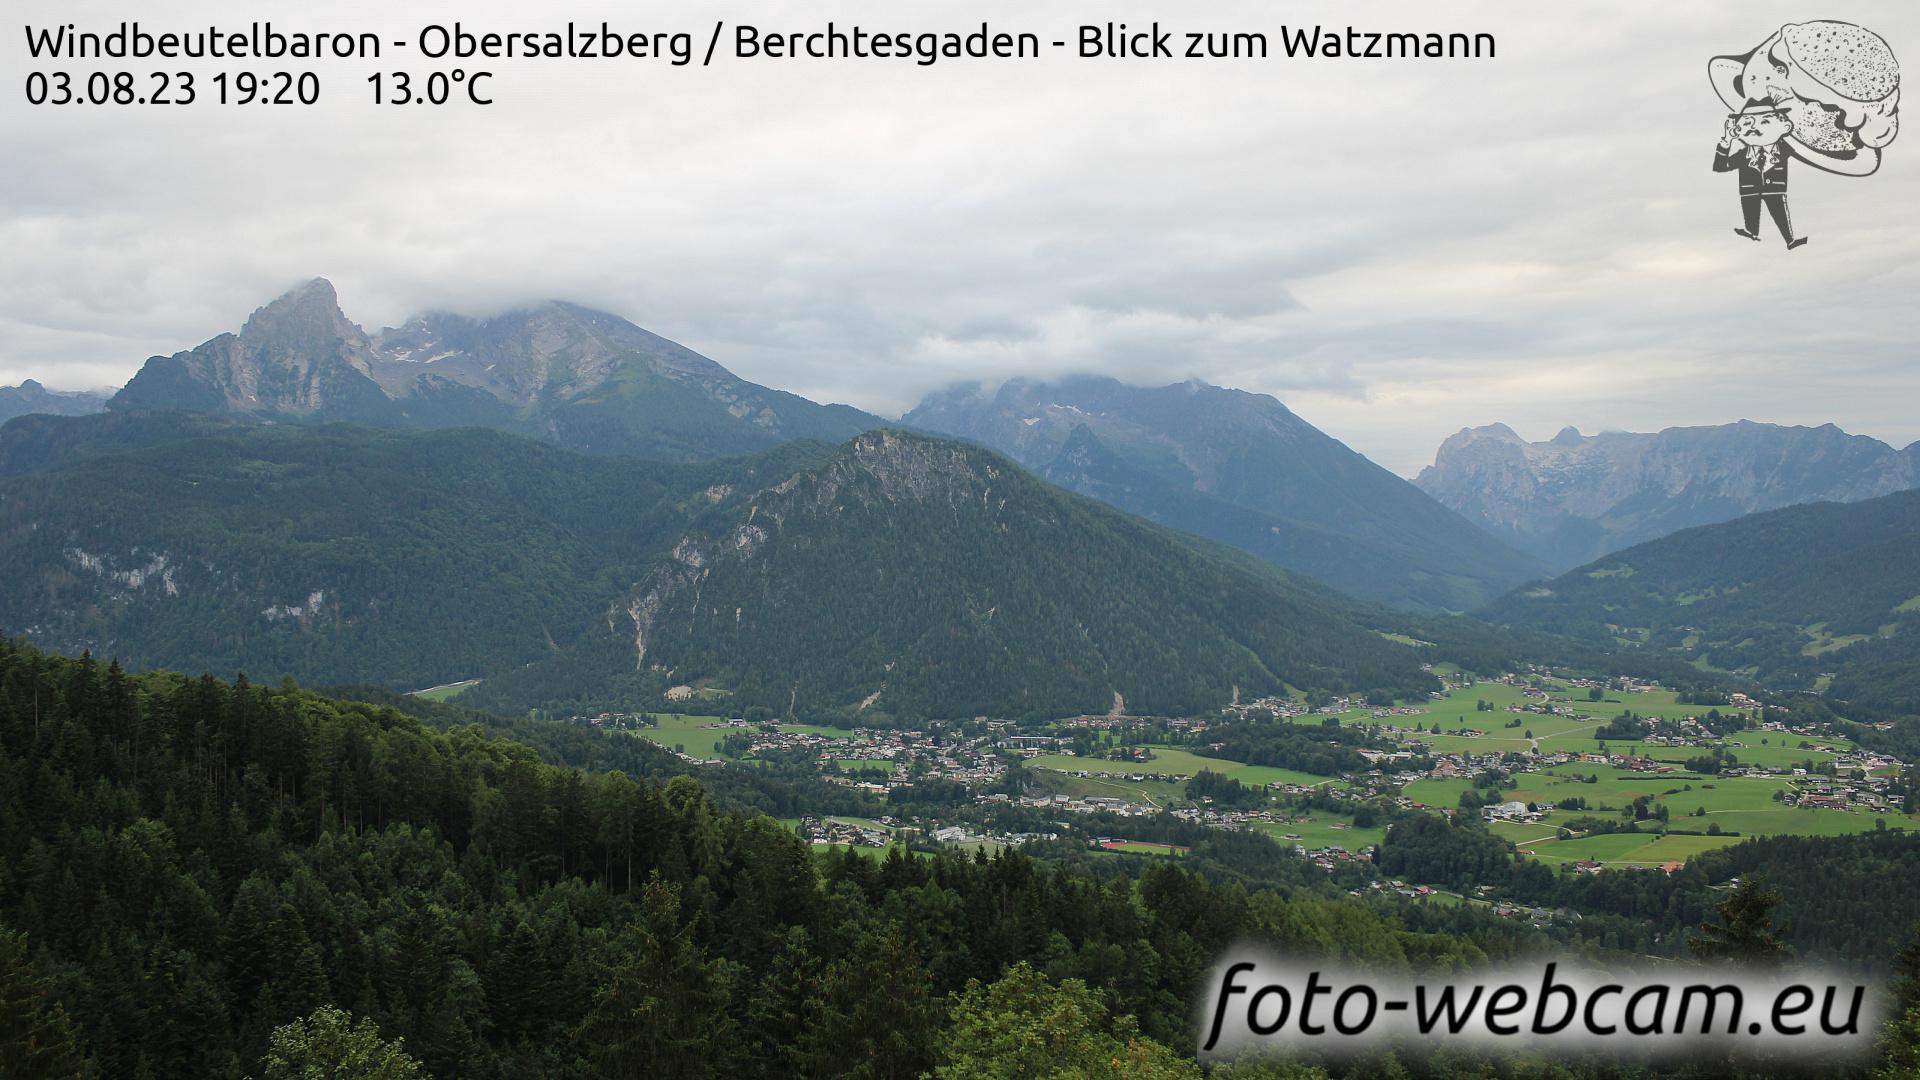 Berchtesgaden Sat. 19:32